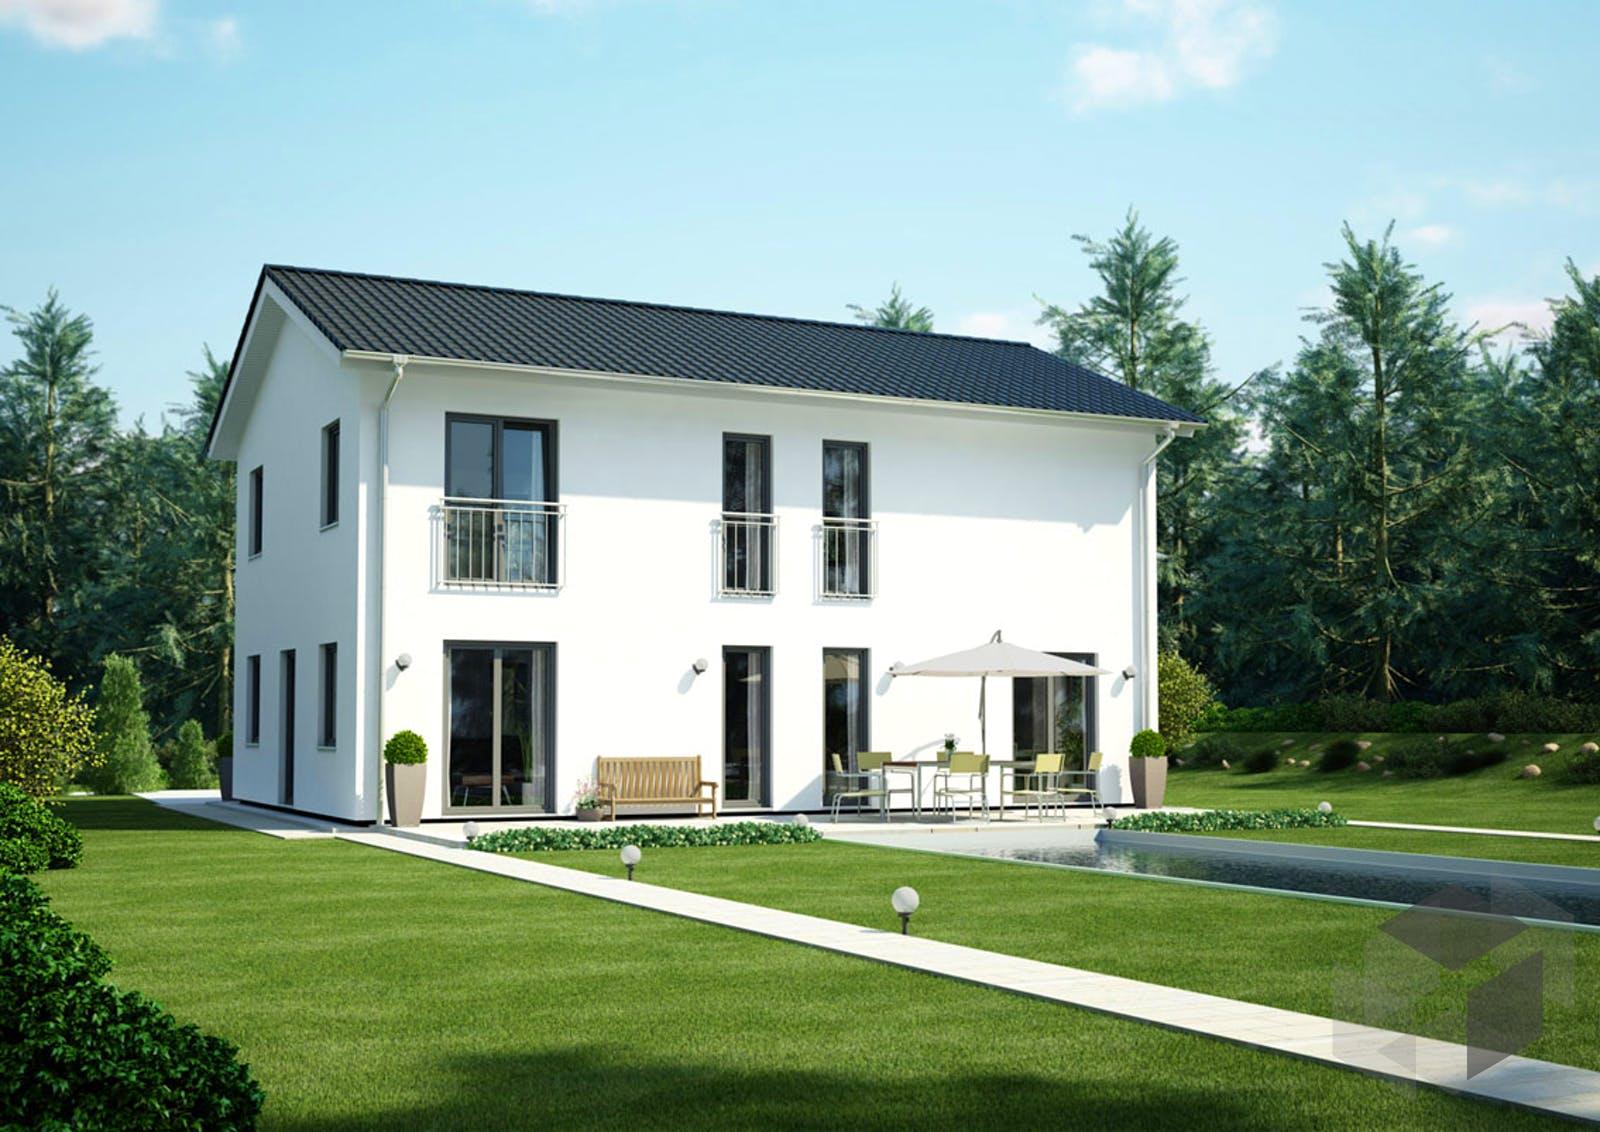 icon 4 city mit satteldach von dennert massivhaus komplette daten bersicht. Black Bedroom Furniture Sets. Home Design Ideas